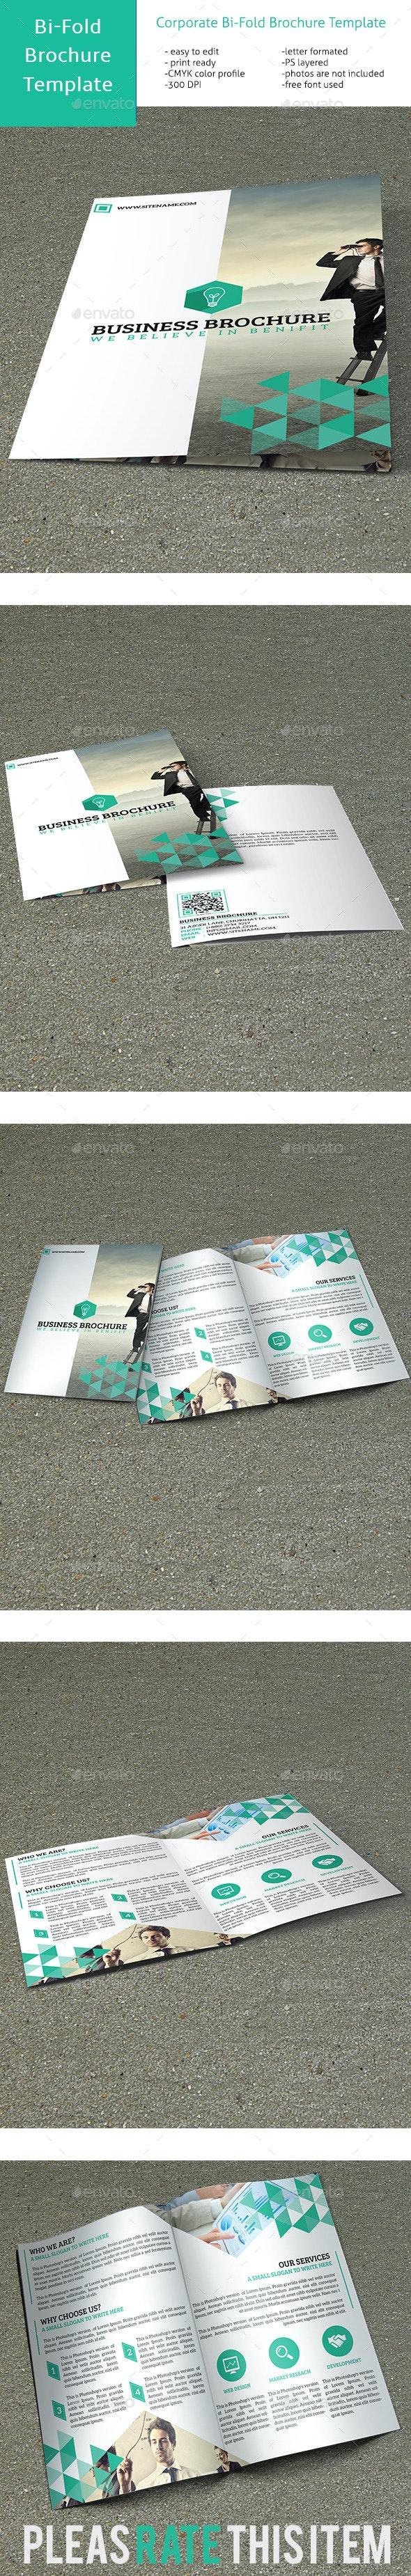 Corporate Bi-Fold Multipurpose Brochure VO-20 - Corporate Brochures